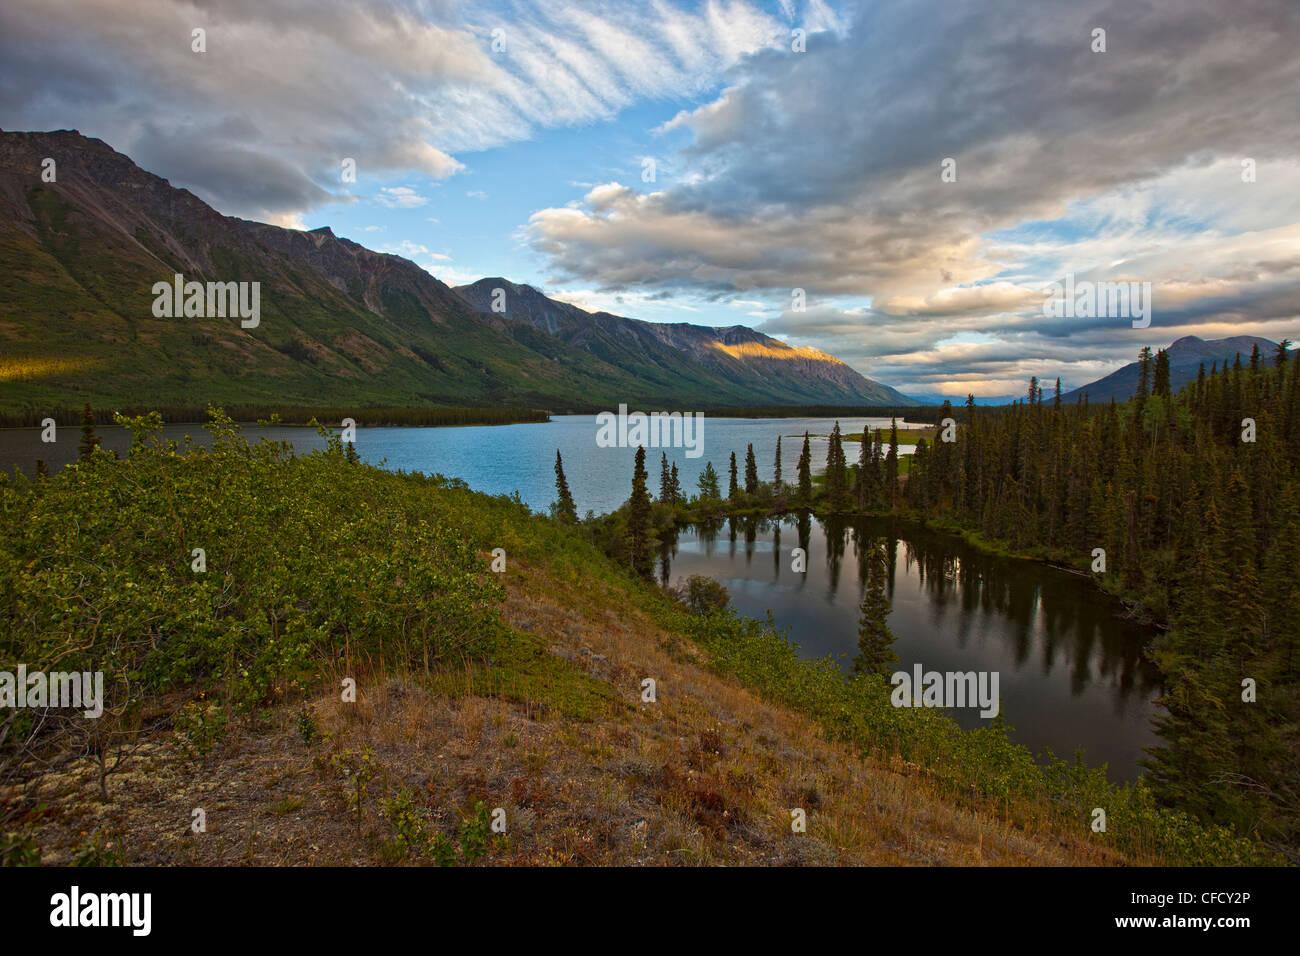 Coucher de soleil sur le lac d'Annie, à l'extérieur de Whitehorse, Yukon, Canada. Banque D'Images